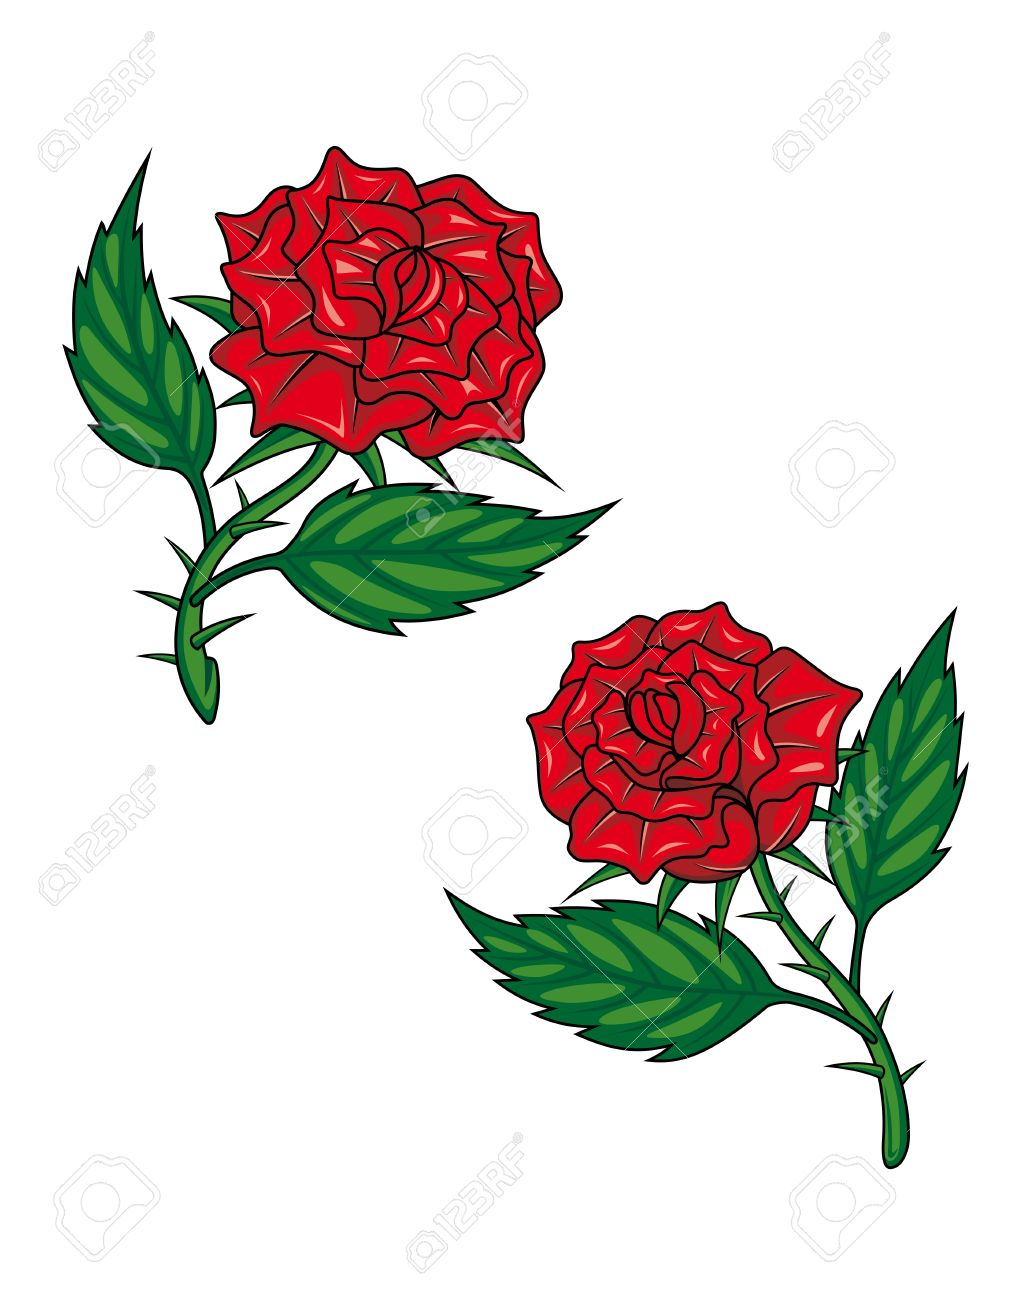 Dos Rosas Rojas De Dibujos Animados Aislado En Blanco Para El Diseno Del Tatuaje